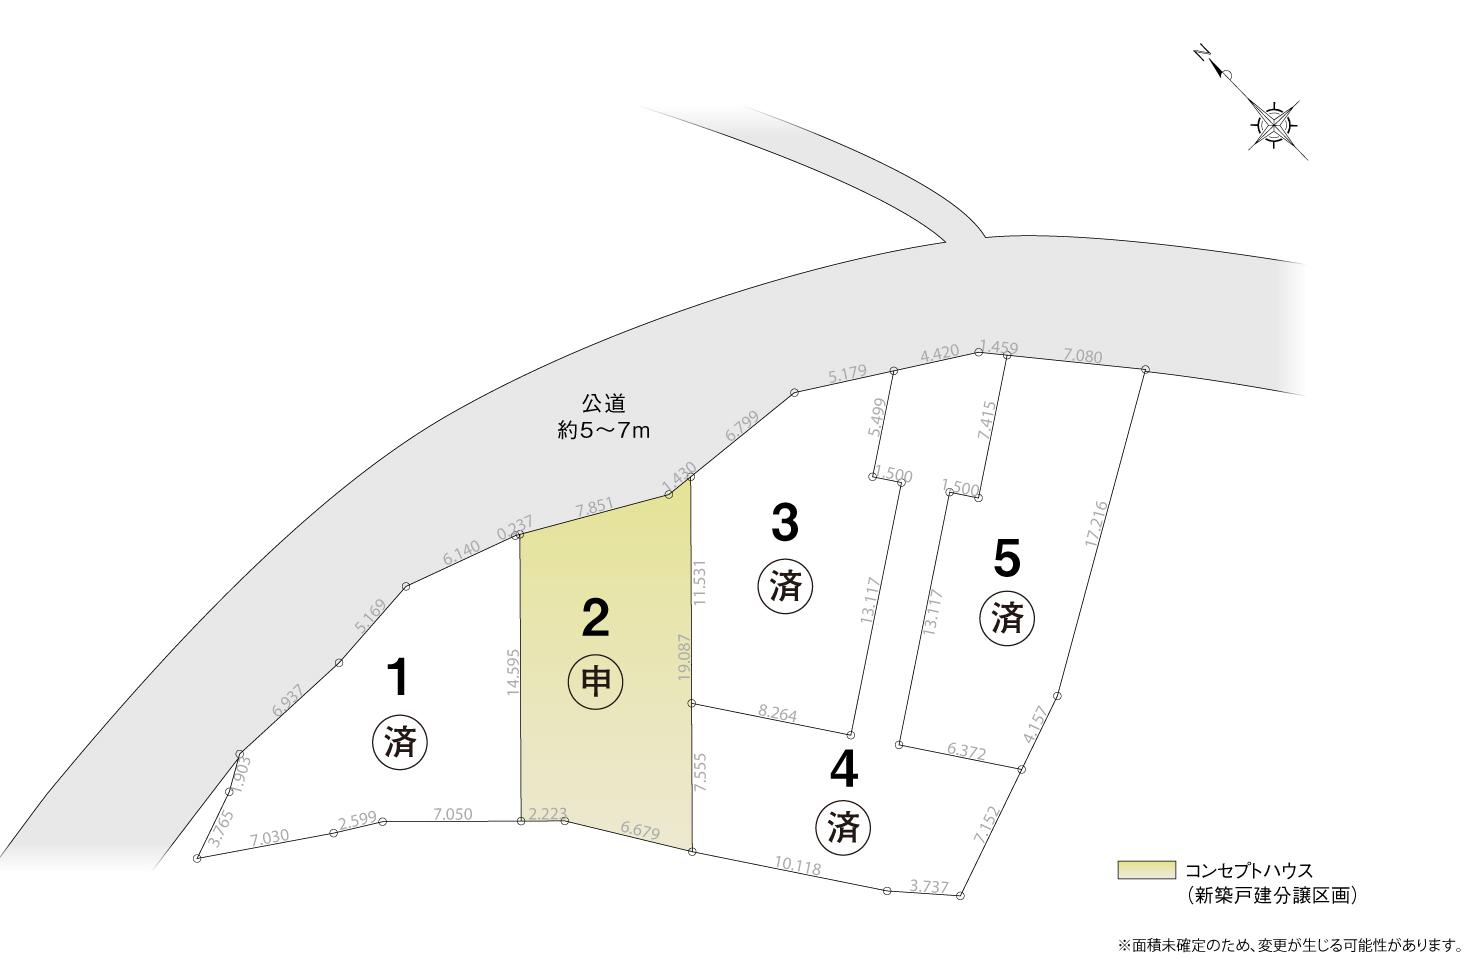 4_区画図_知多市新知門田